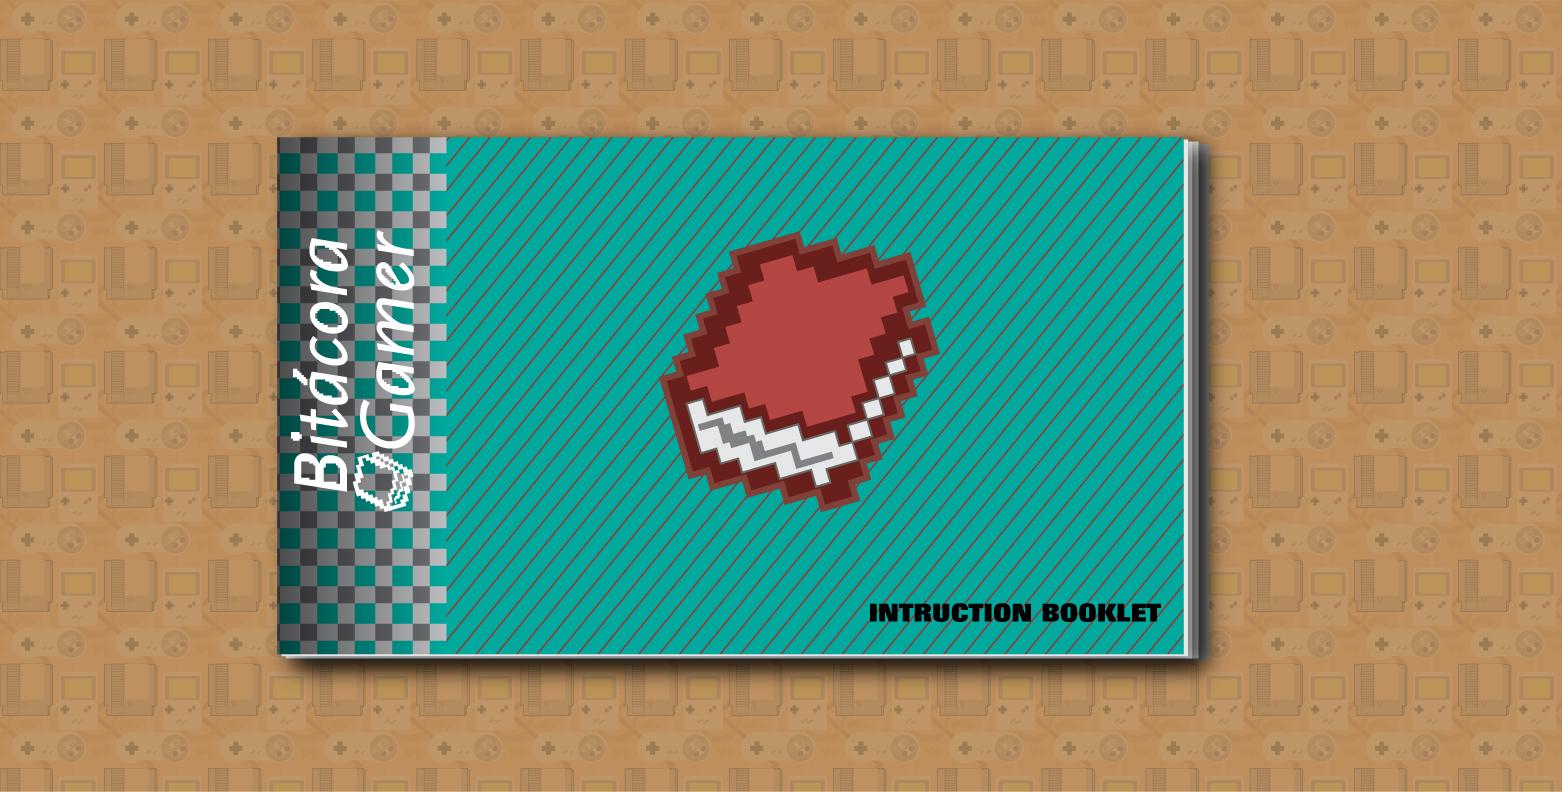 Manual de Juego Una introducción a la diversión